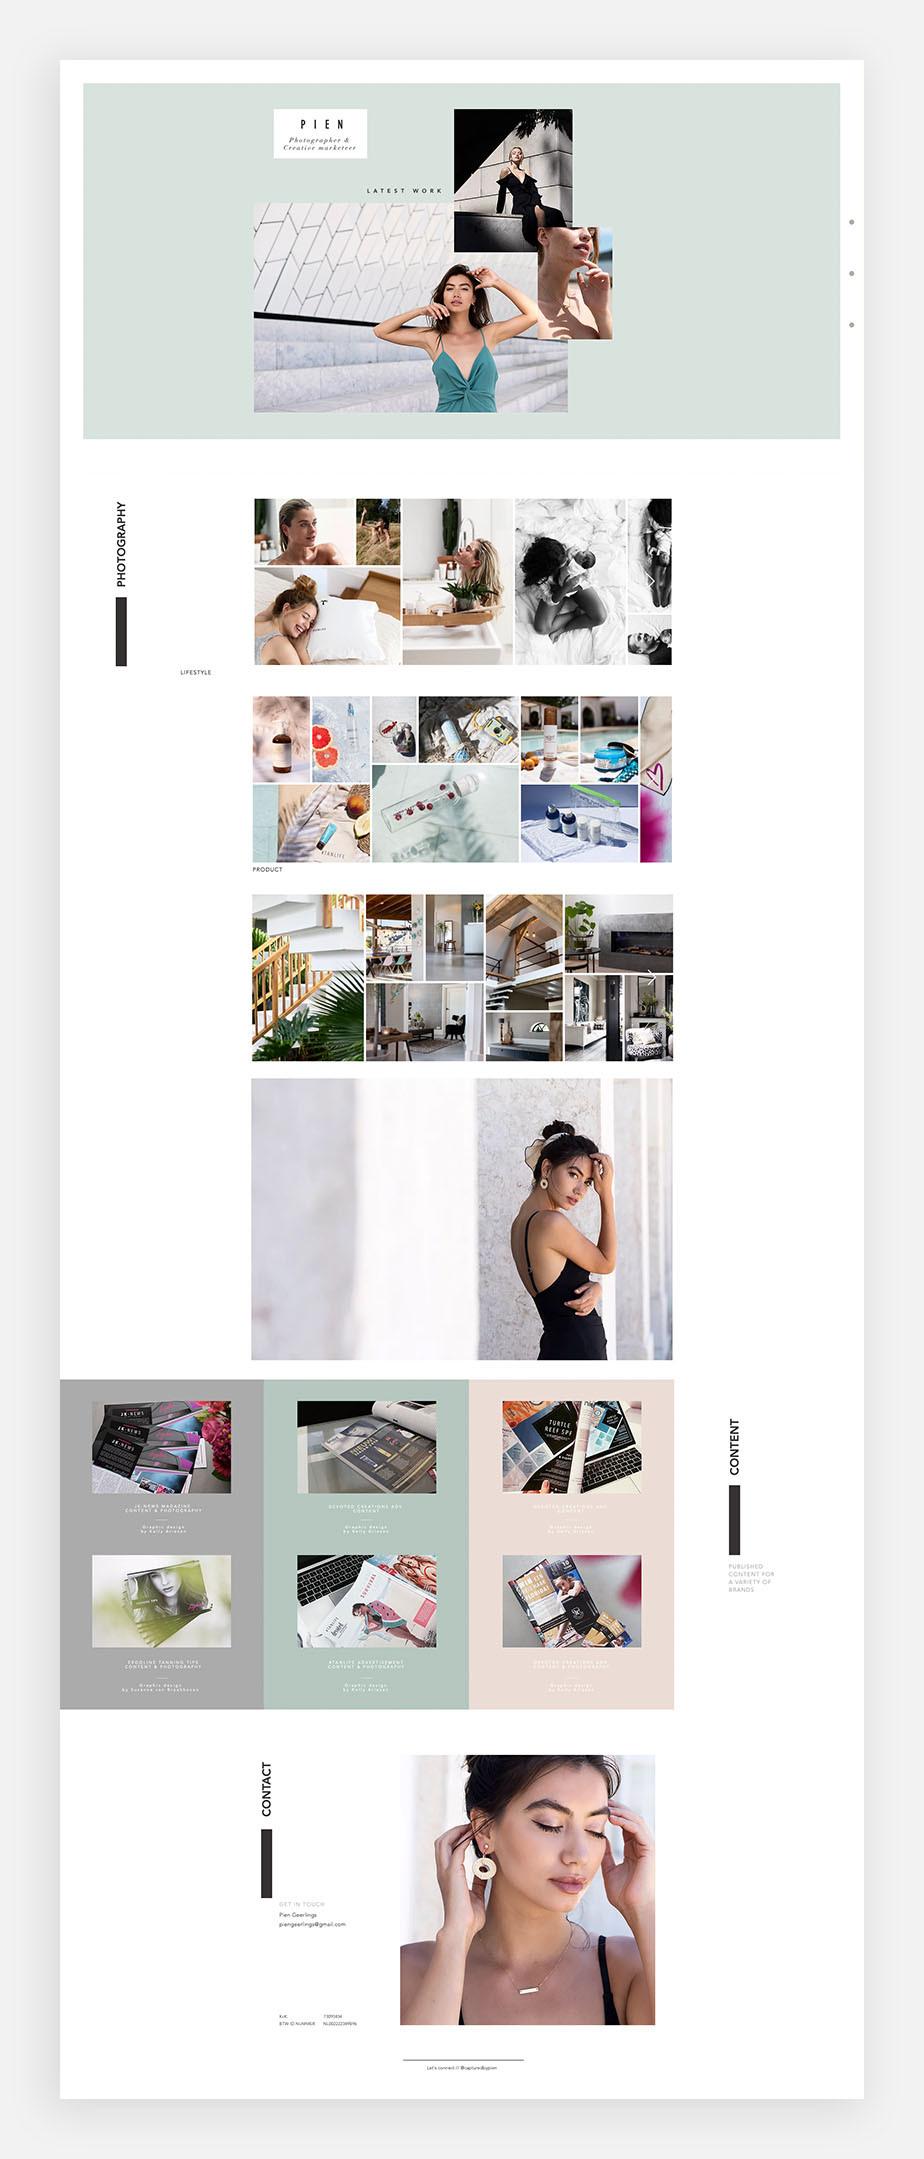 윅스 사용자 피엔 기어링의 원페이지 웹사이트 이미지